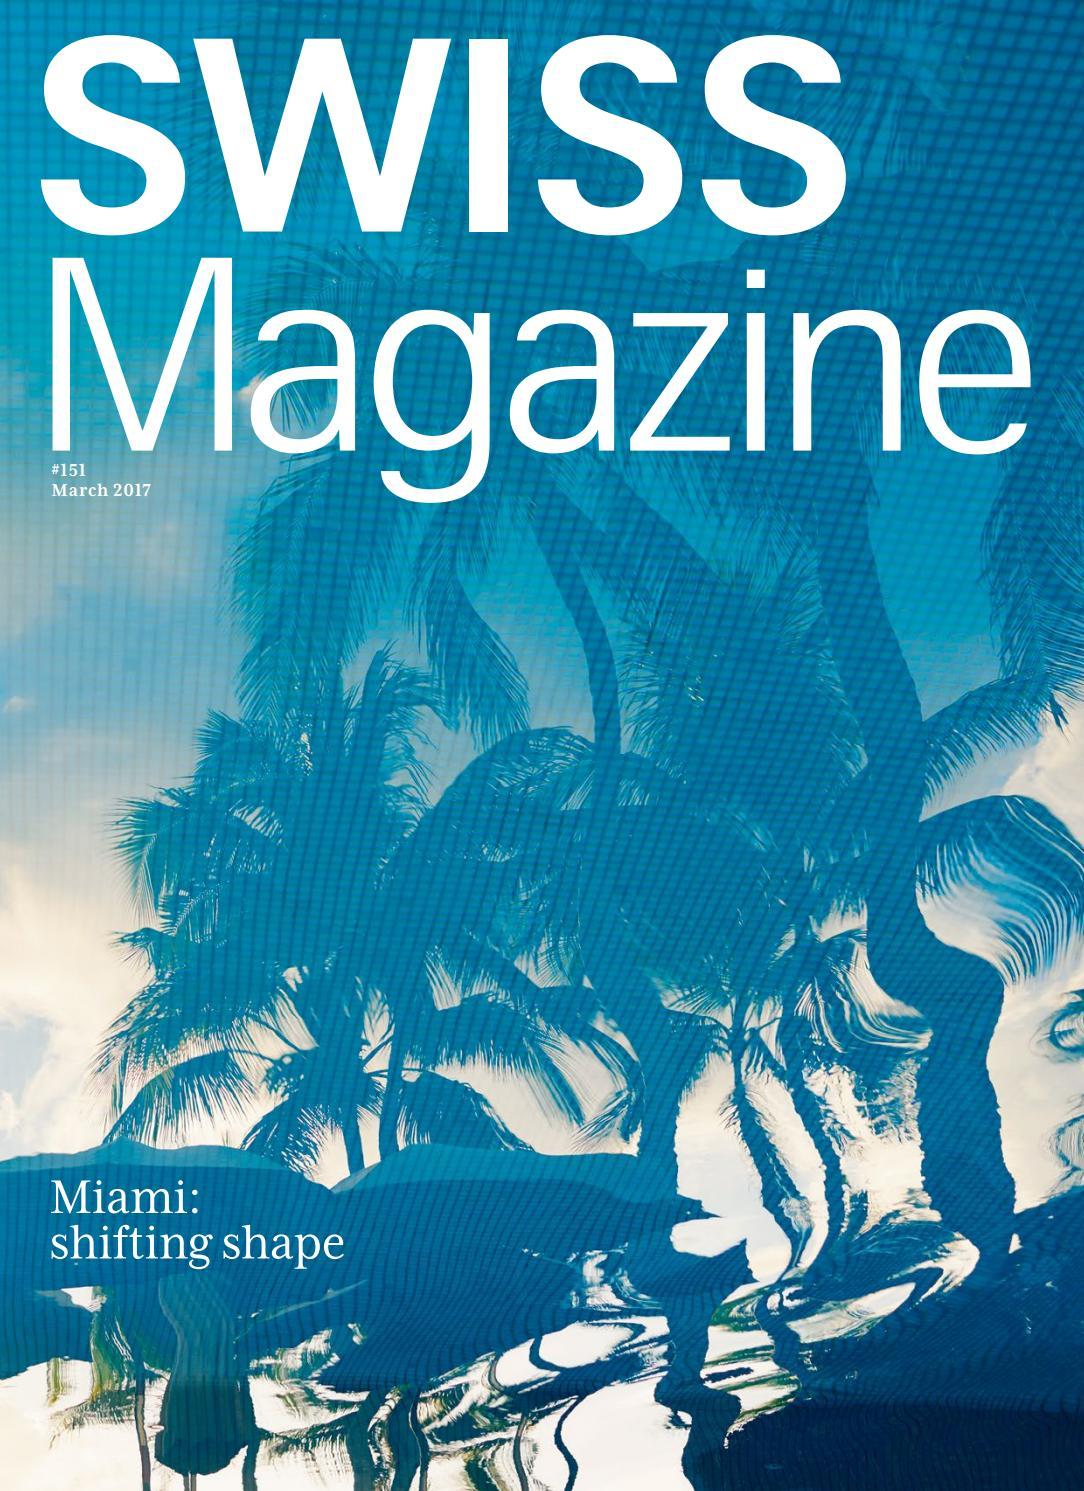 SWISS Magazine March 2017 - MIAMI by Inflight Magazines by SWISS - issuu